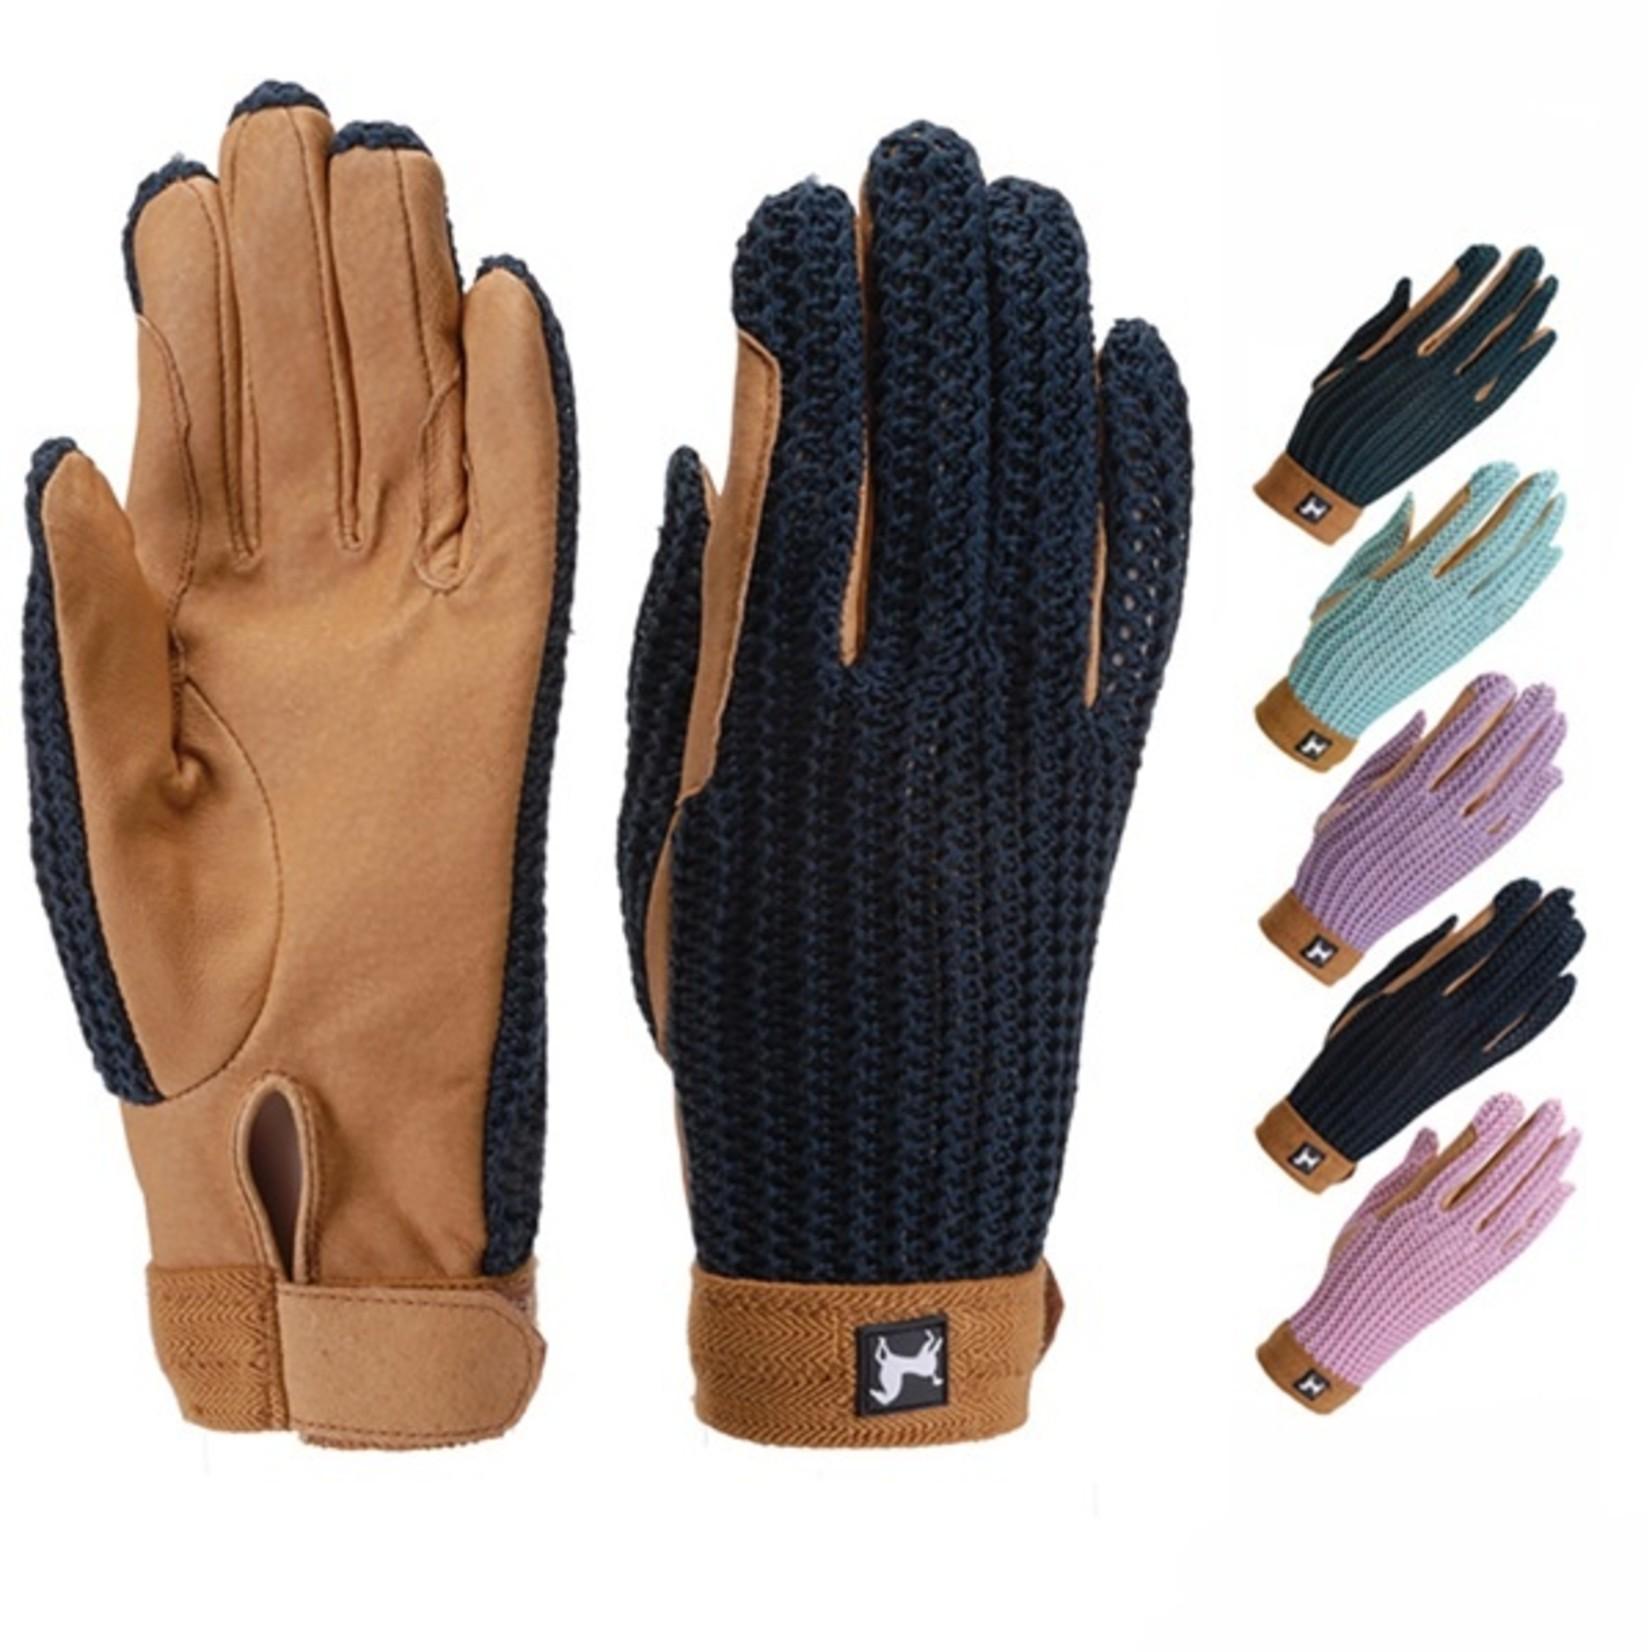 Crochet Glove - Teal